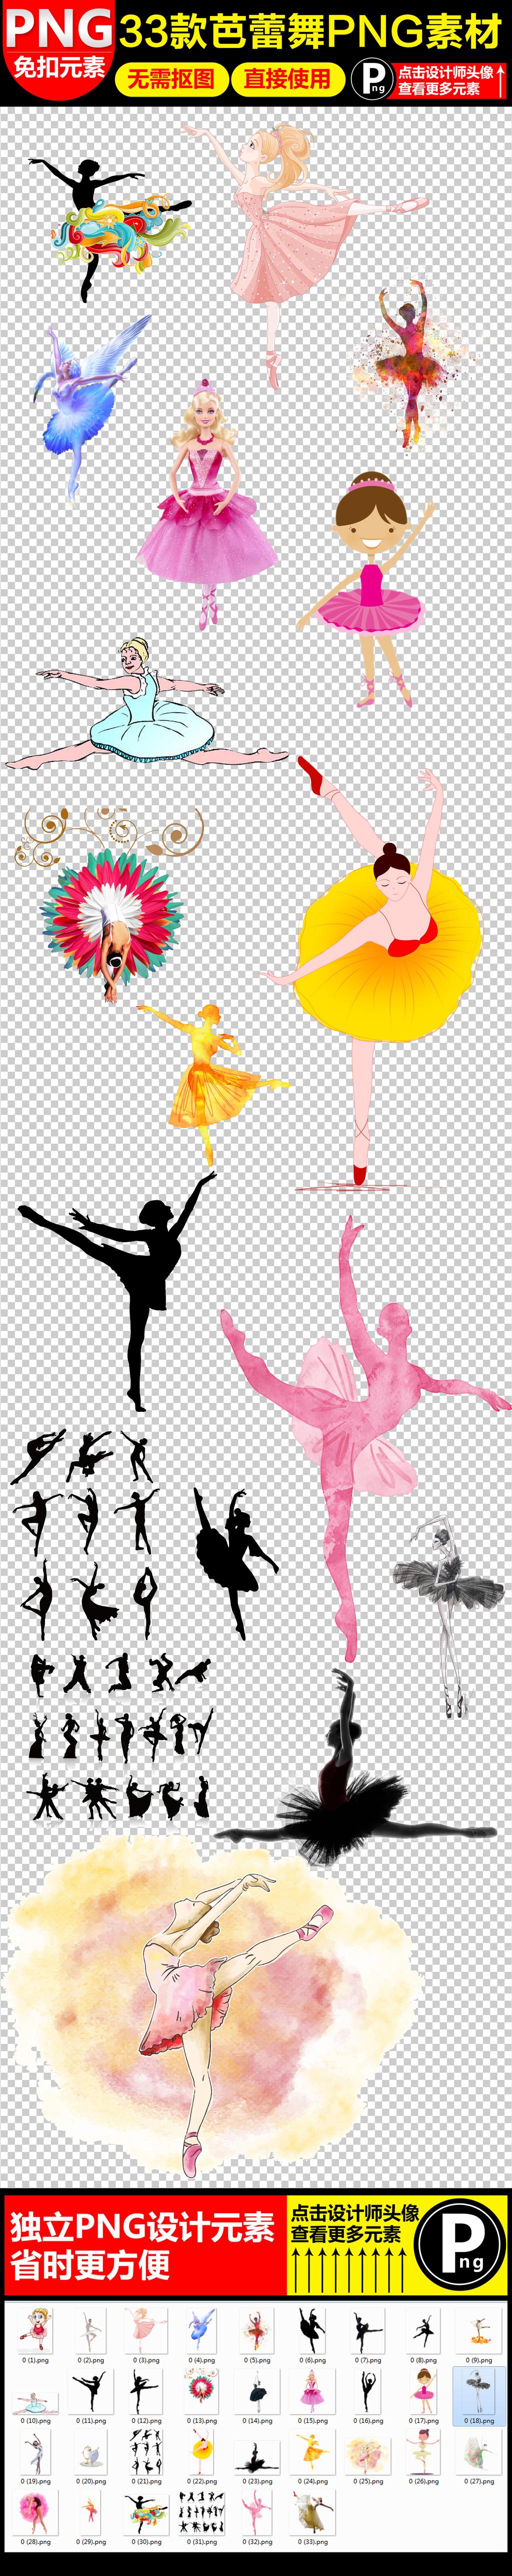 手绘水彩芭蕾舞者png透明背景免扣素材